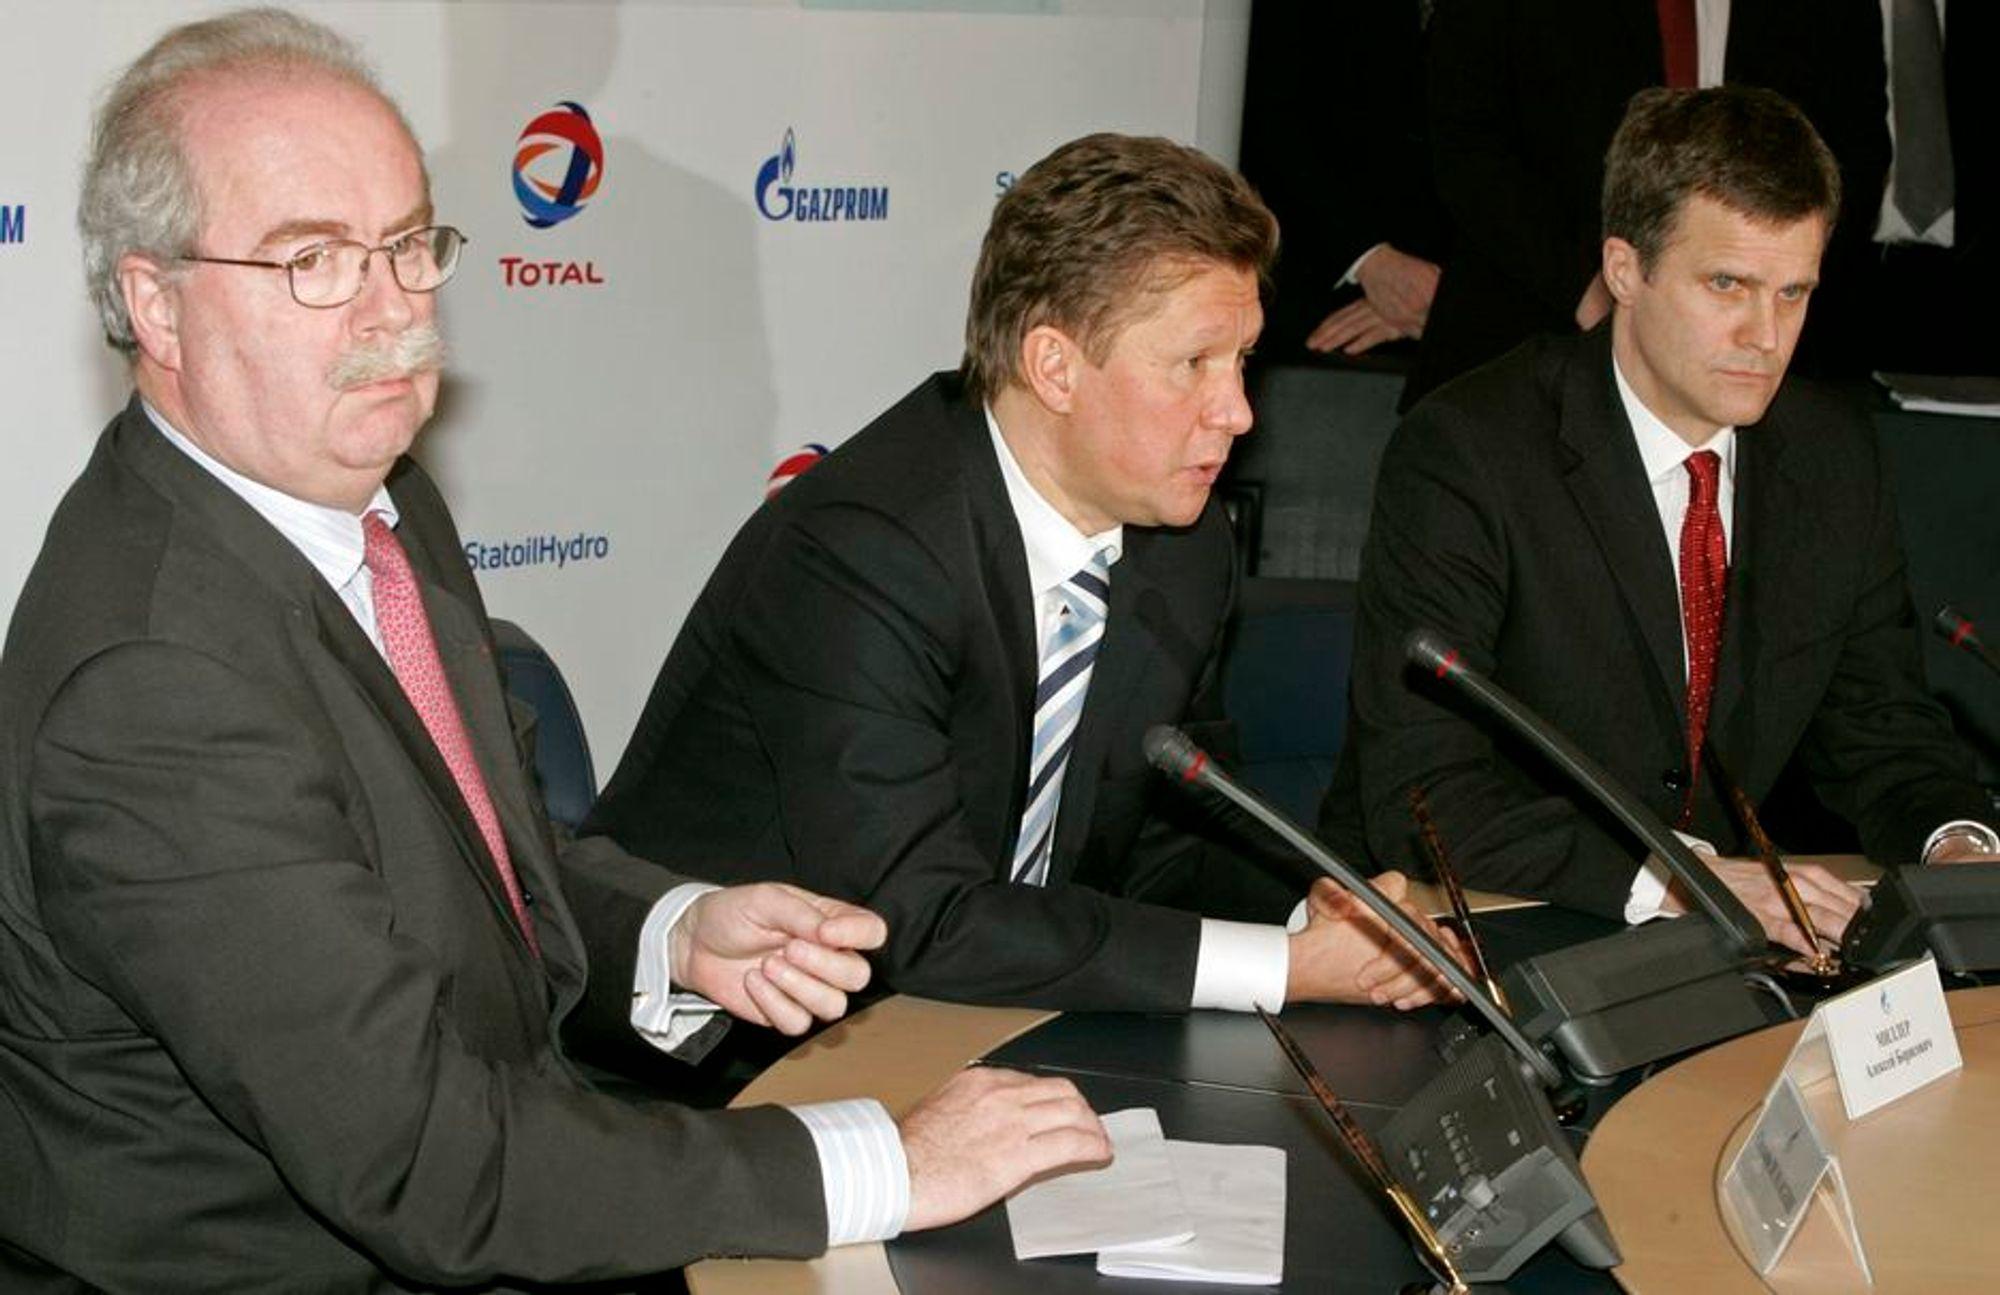 Mektig trio: StatoilHydro-sjef Helge Lund, Totals øverste leder Christophe de Margerie og Gazproms Alexei Miller samarbeider om utbyggingen av det gigantiske Sjtokman-feltet.